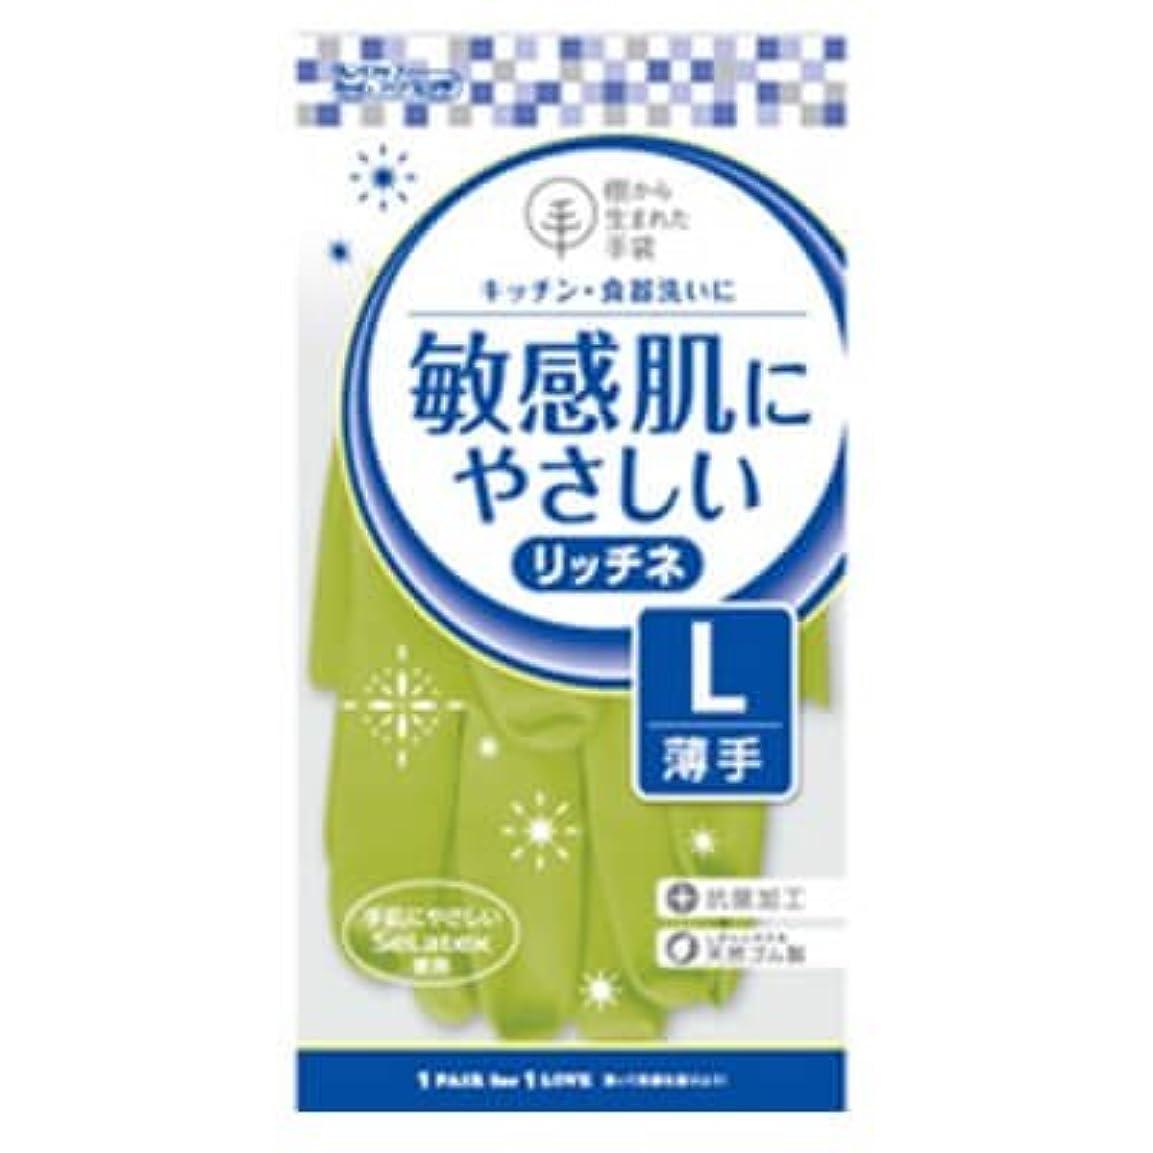 カブ従うネックレット【ケース販売】 ダンロップ 敏感肌にやさしい リッチネ 薄手 L グリーン (10双×24袋)